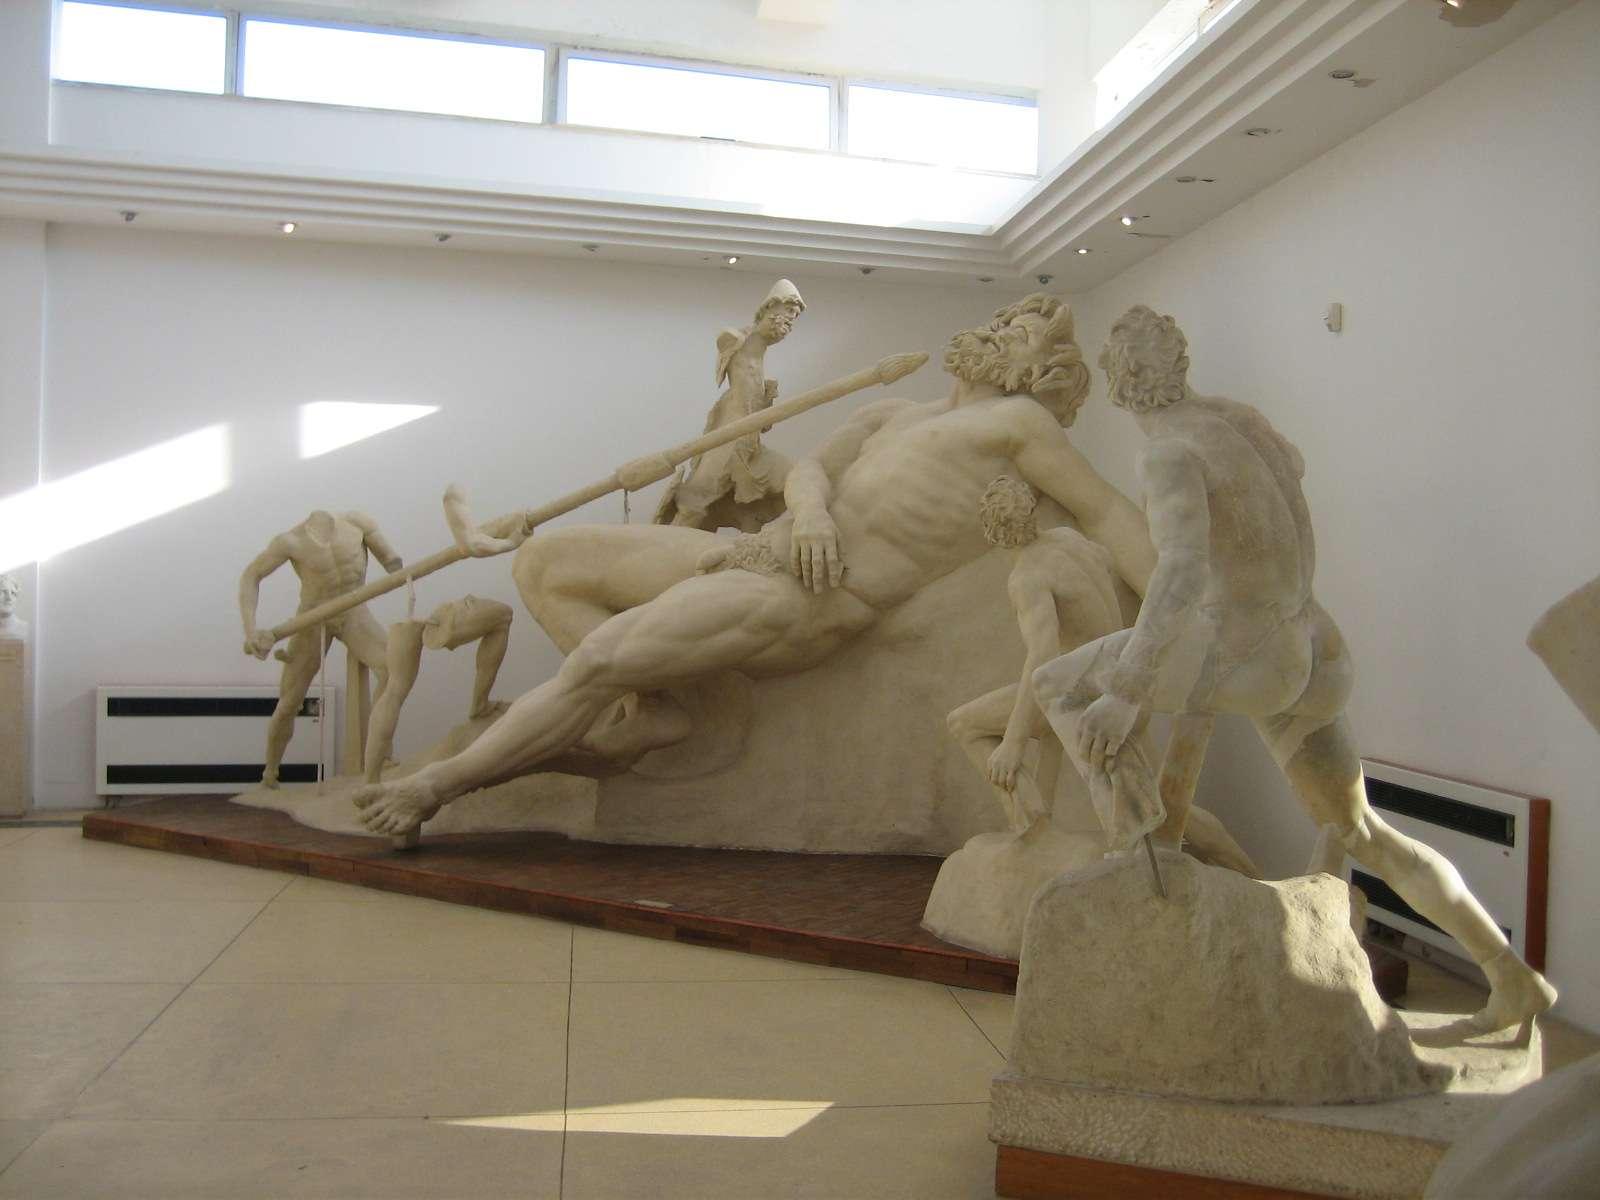 Η τύφλωση του Πολύφημου. The blinding of Polyphemus, a reconstruction from the villa of Tiberius at Sperlonga, 1st century AD